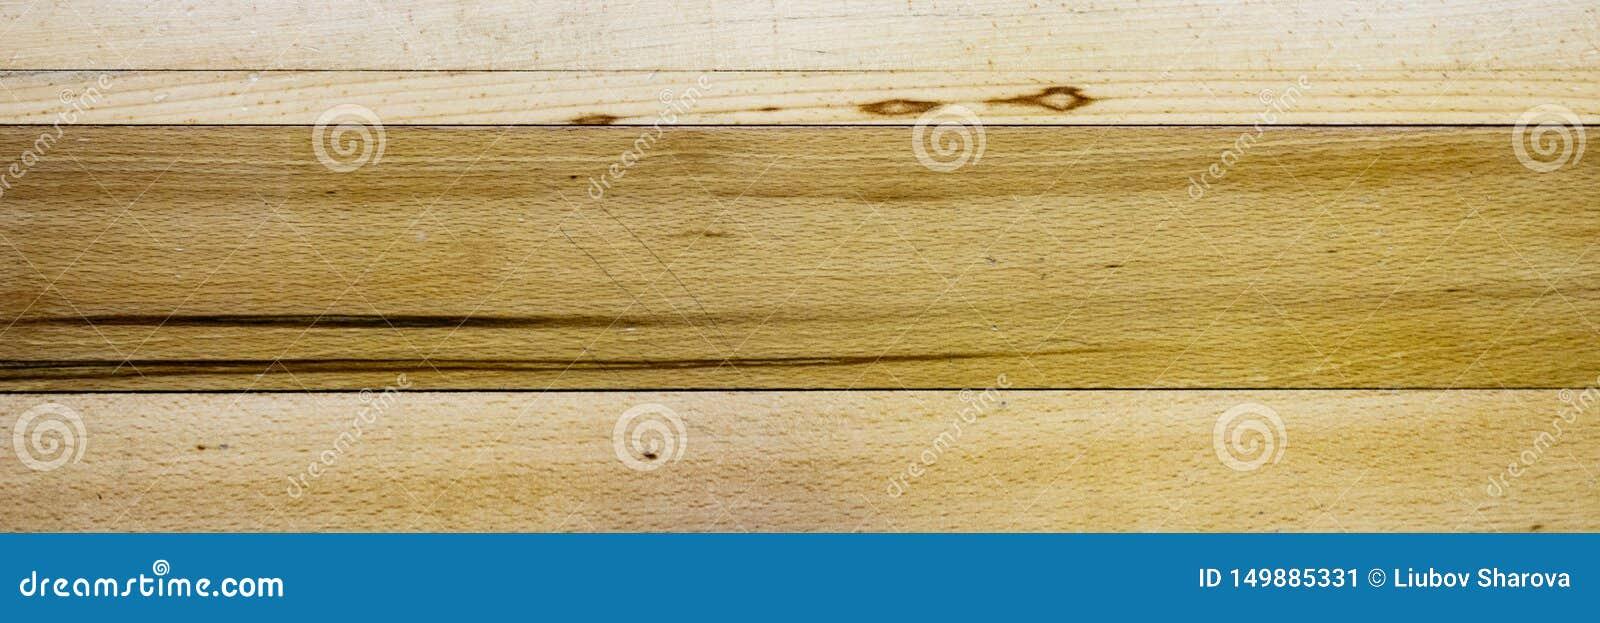 Fundo sujo de madeira com espa?o para o texto ou a imagem